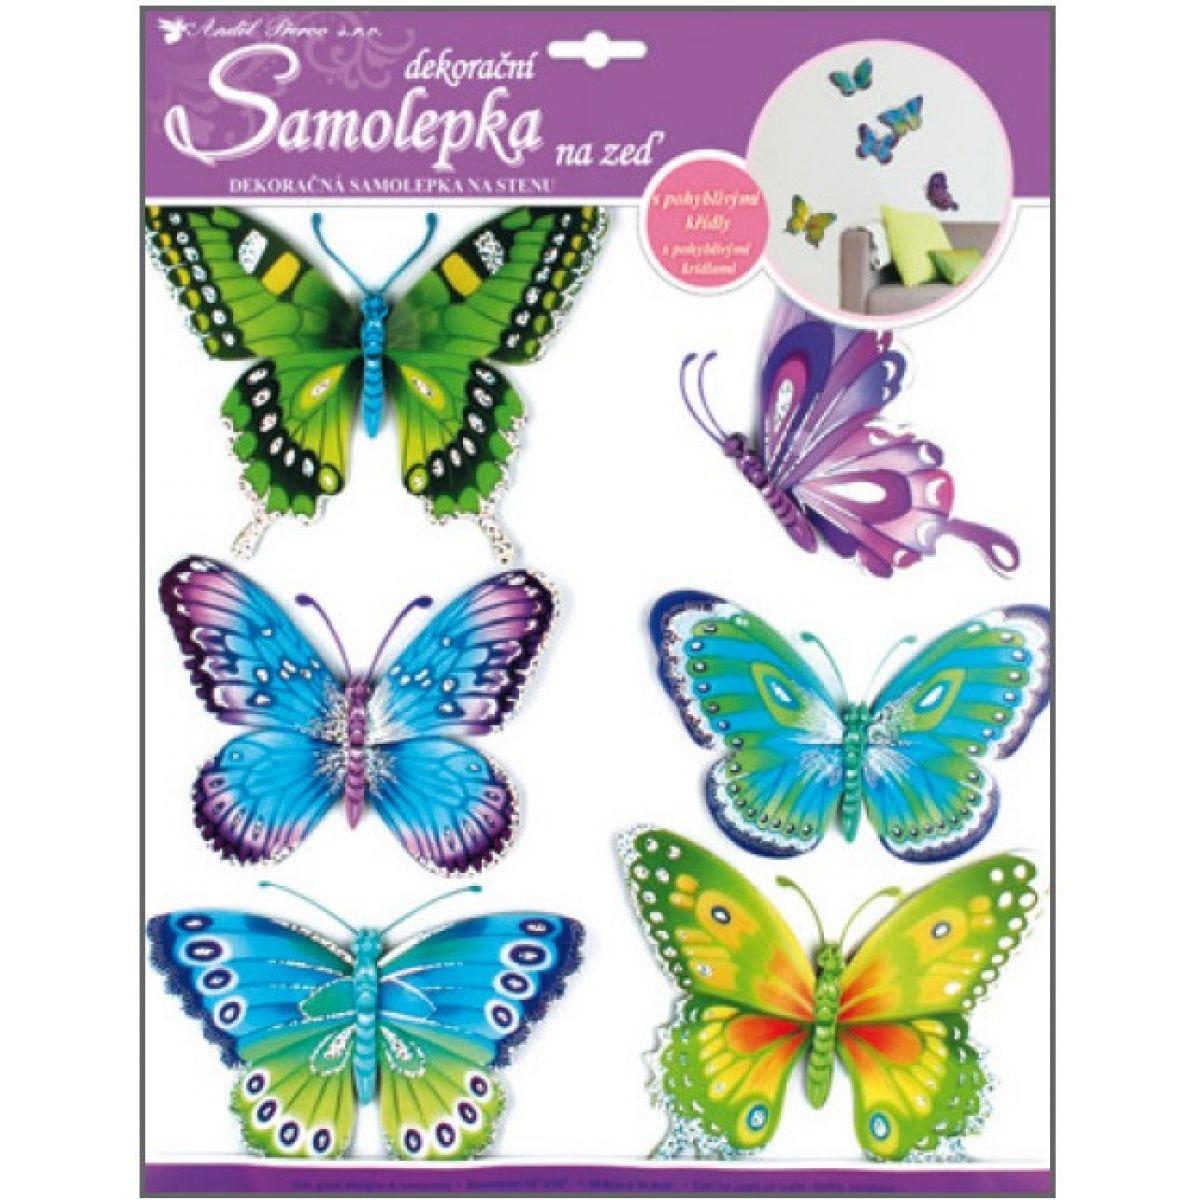 Anděl Pokojová dekorace modrozelení motýli s pohyblivými křídly 3D - 30,5 x 30,5 cm - 678